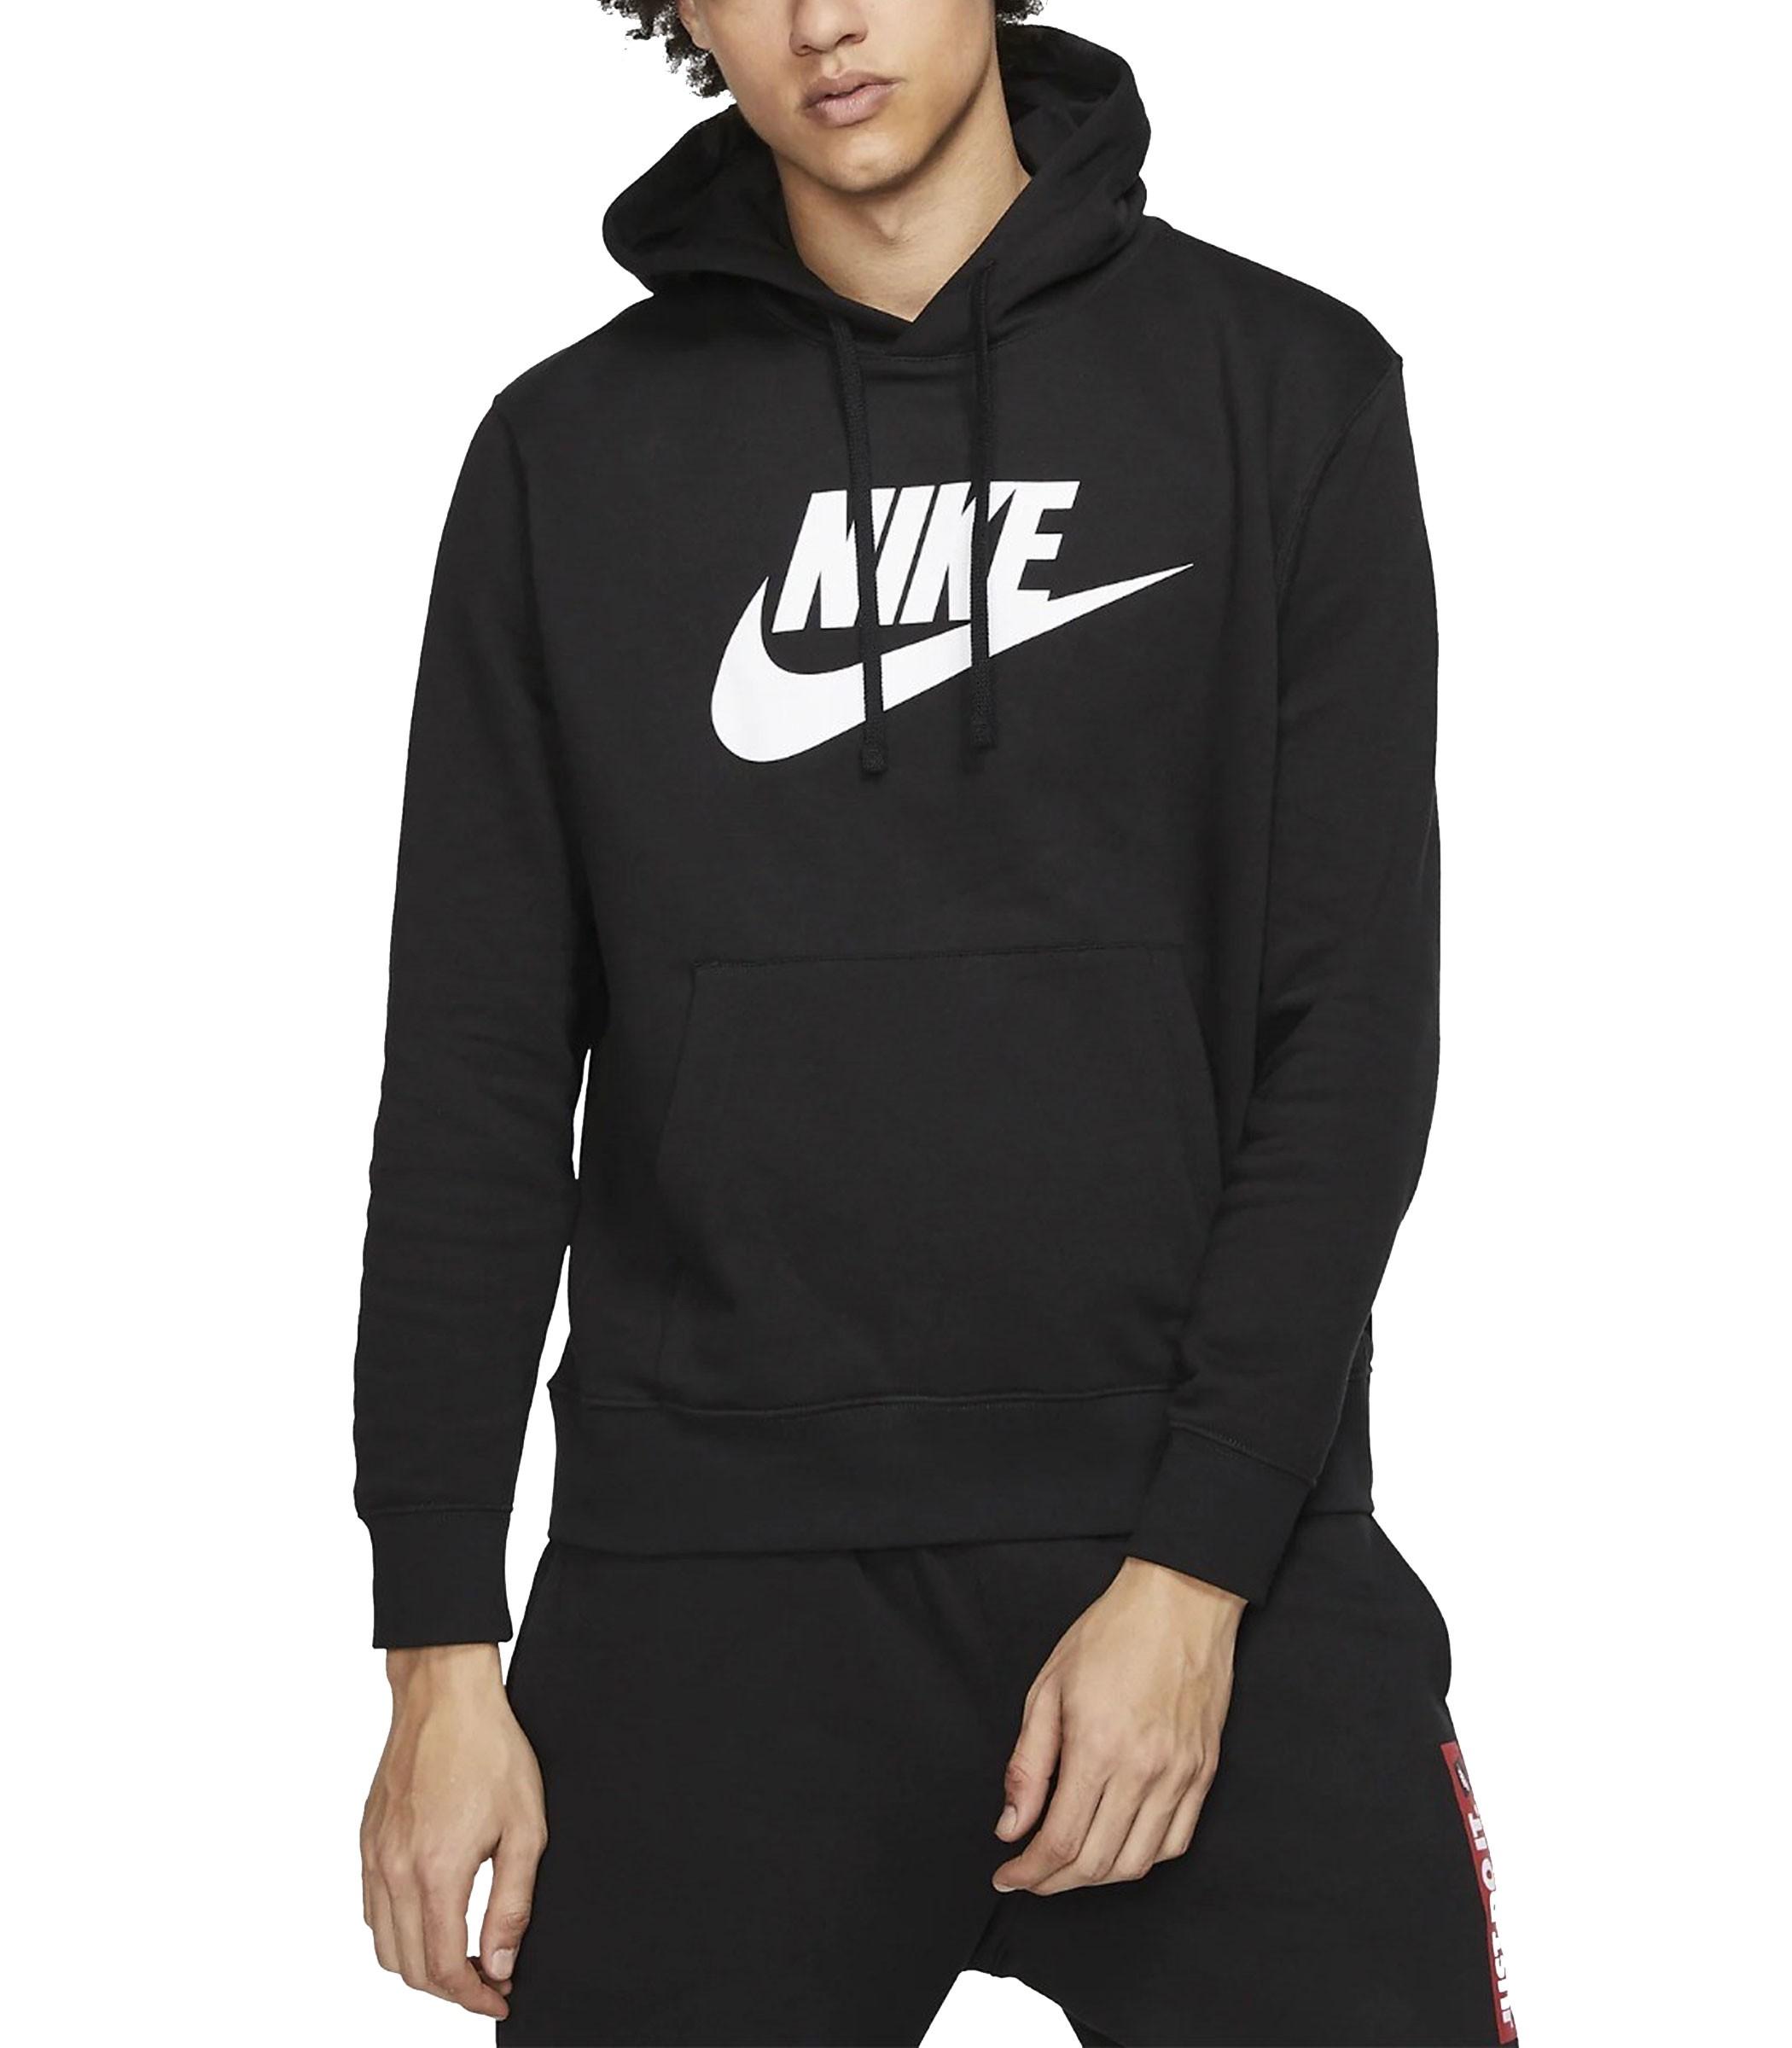 prezzo competitivo salvare vendite calde Felpa Pullover Nike Sportwear Club con cappuccio uomo rif ...